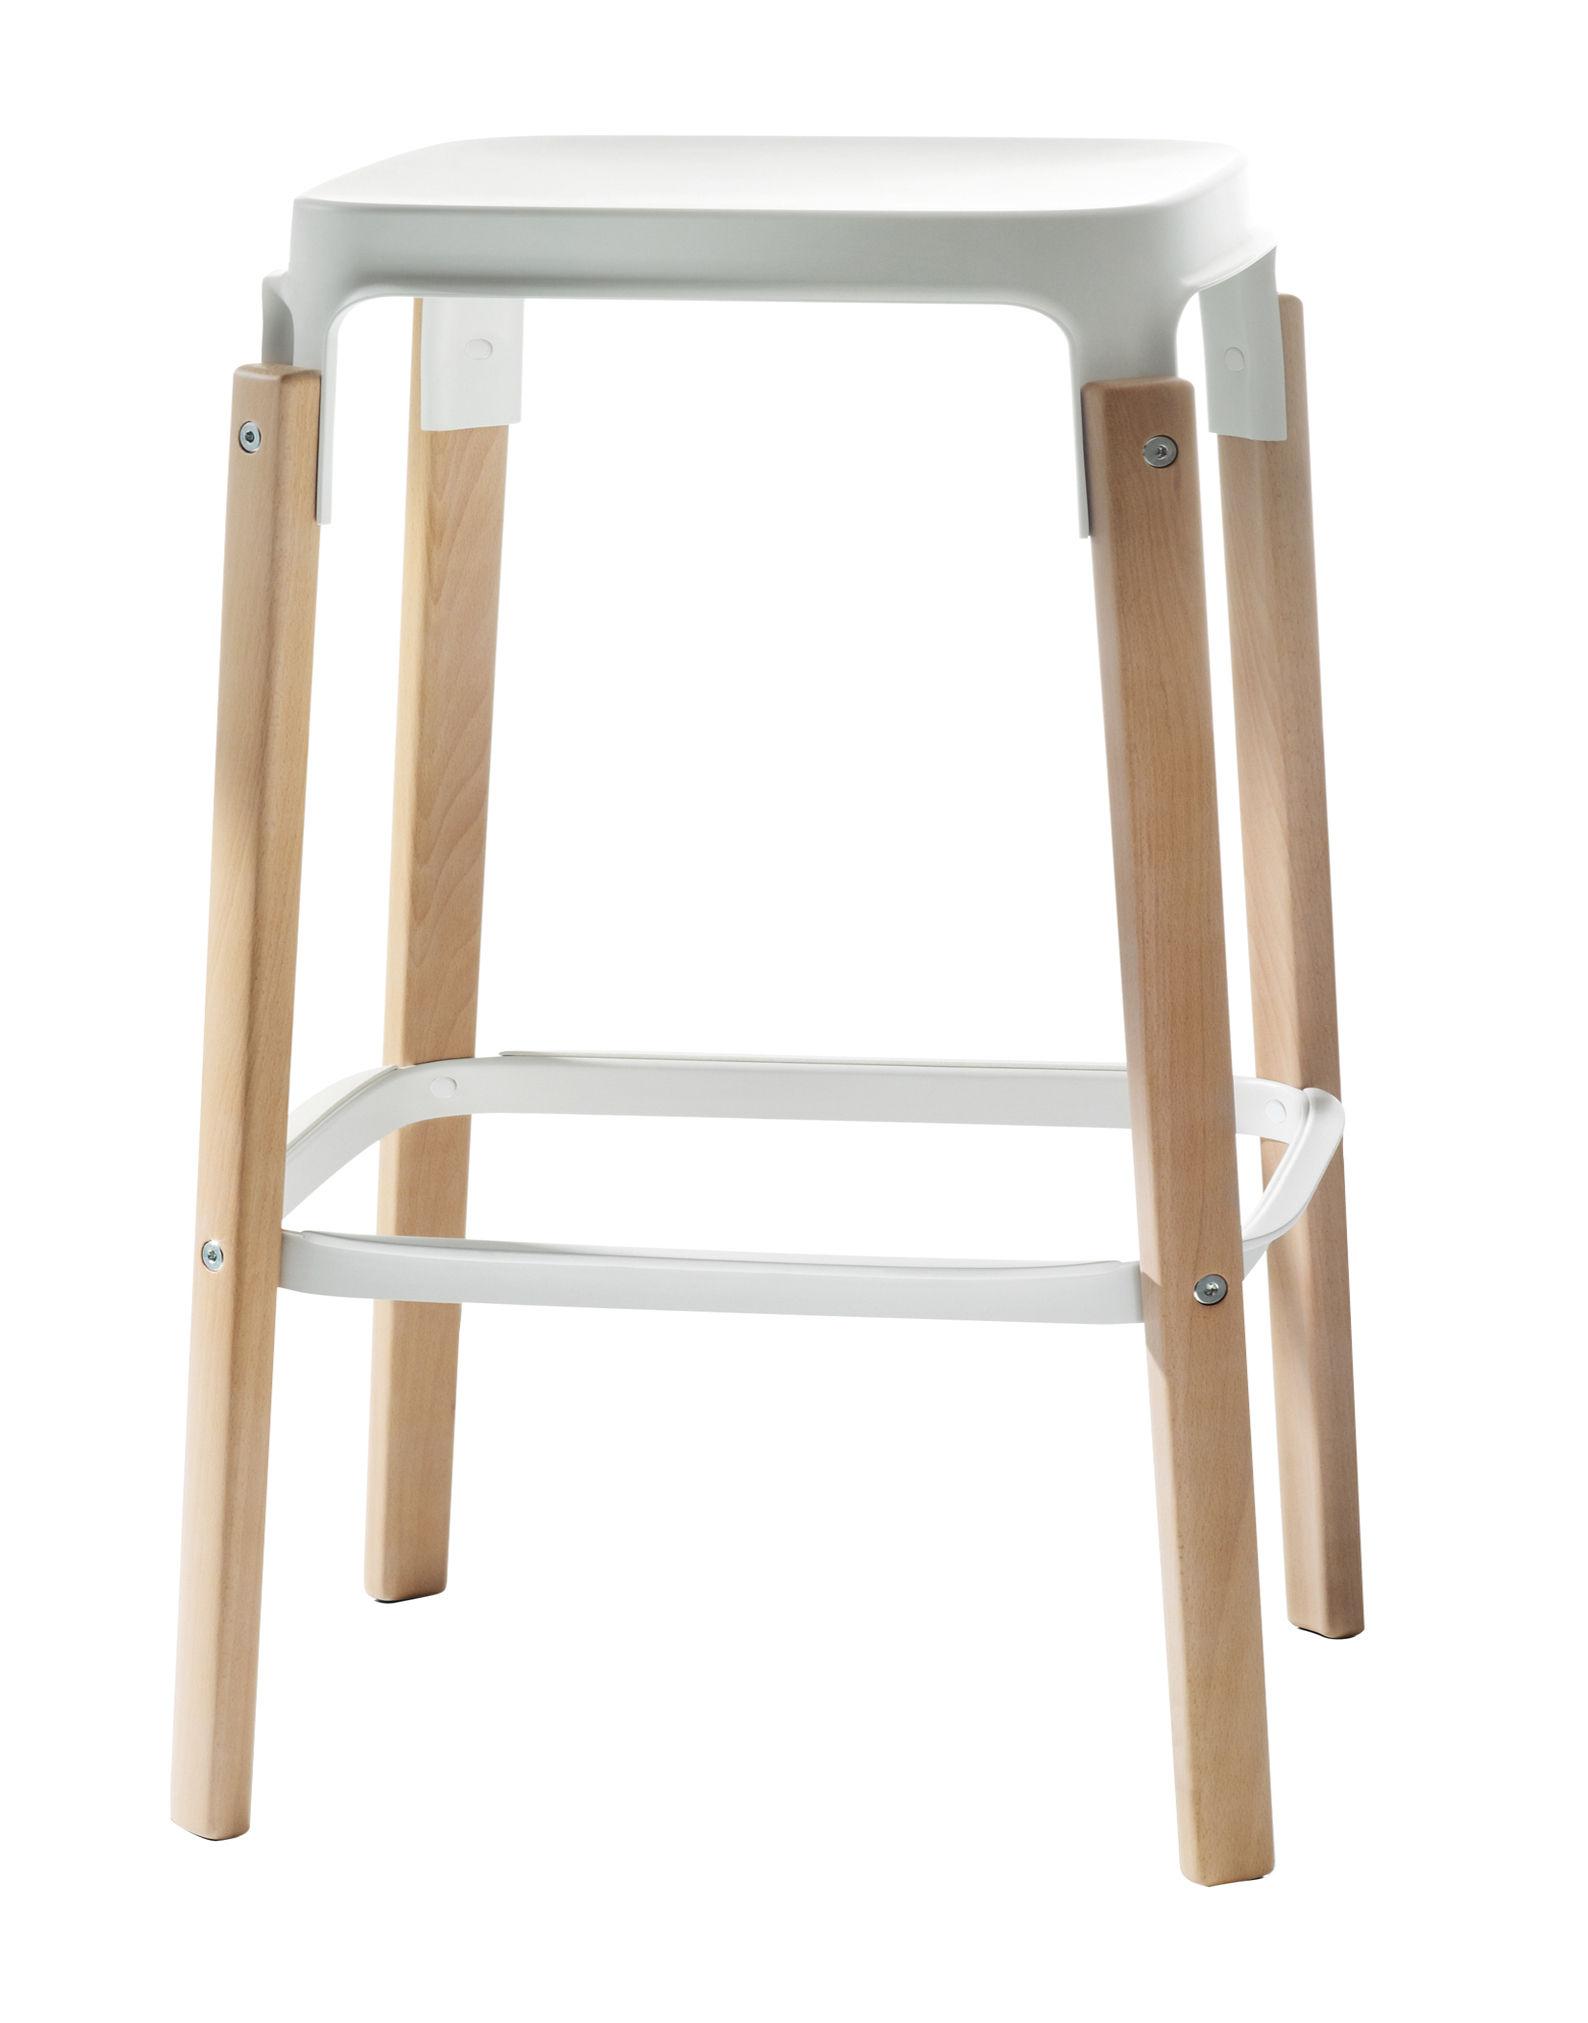 Möbel - Barhocker - Steelwood Barhocker Zweifarbig Variante - H 68 cm - Magis - Weiß / Buche - Buchenfurnier, gefirnister Stahl